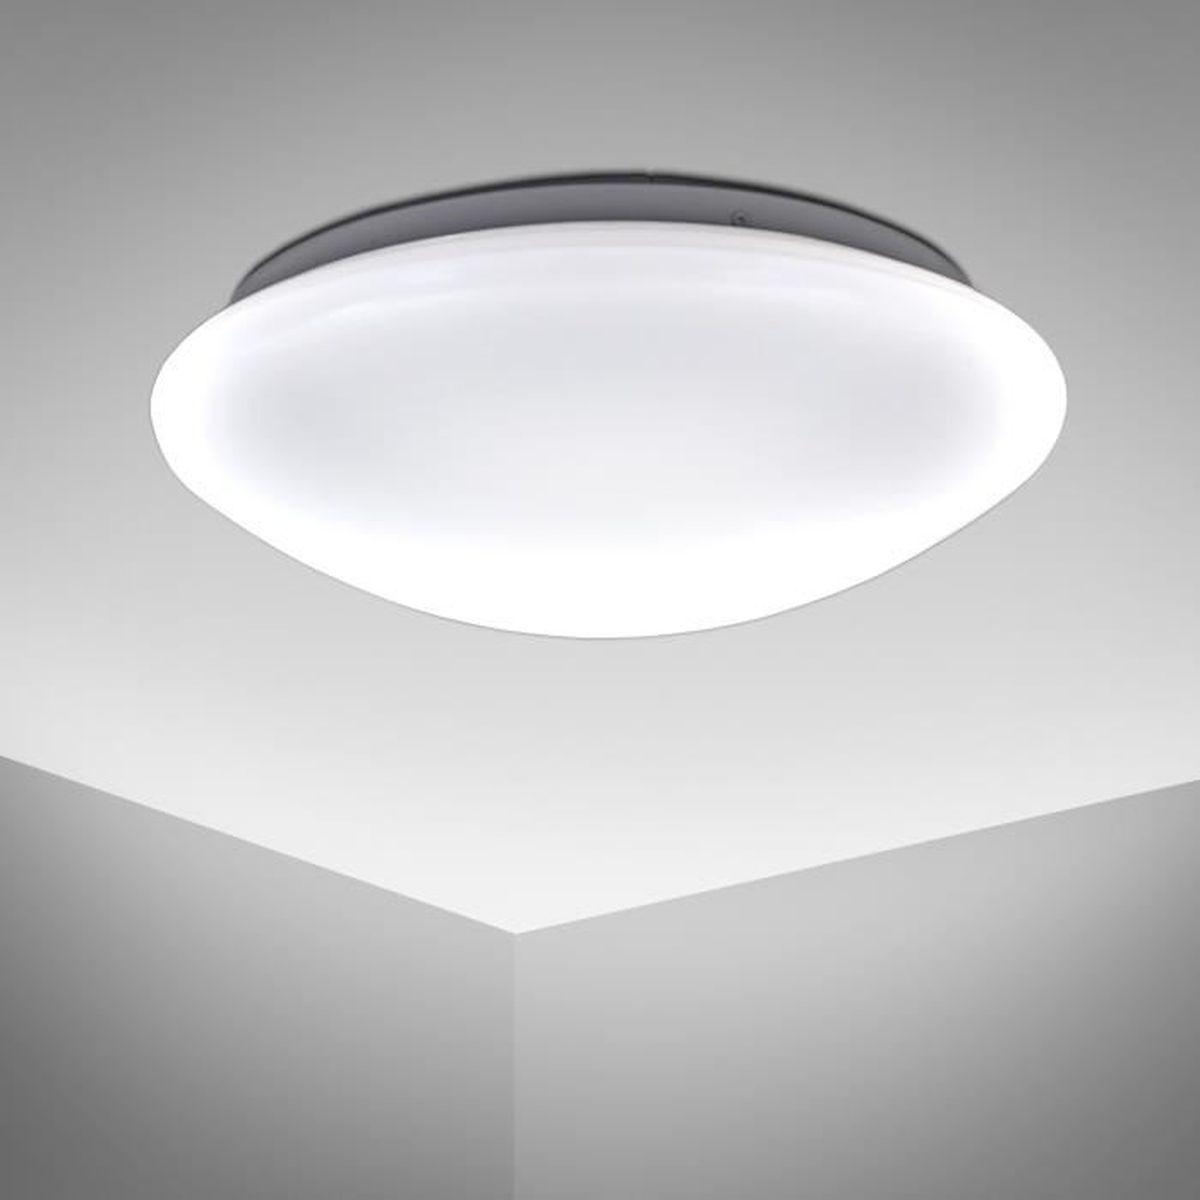 De salle d/'eau lamp lampe luminaire plafonnier éclairage salle de bains Lampe Neuf